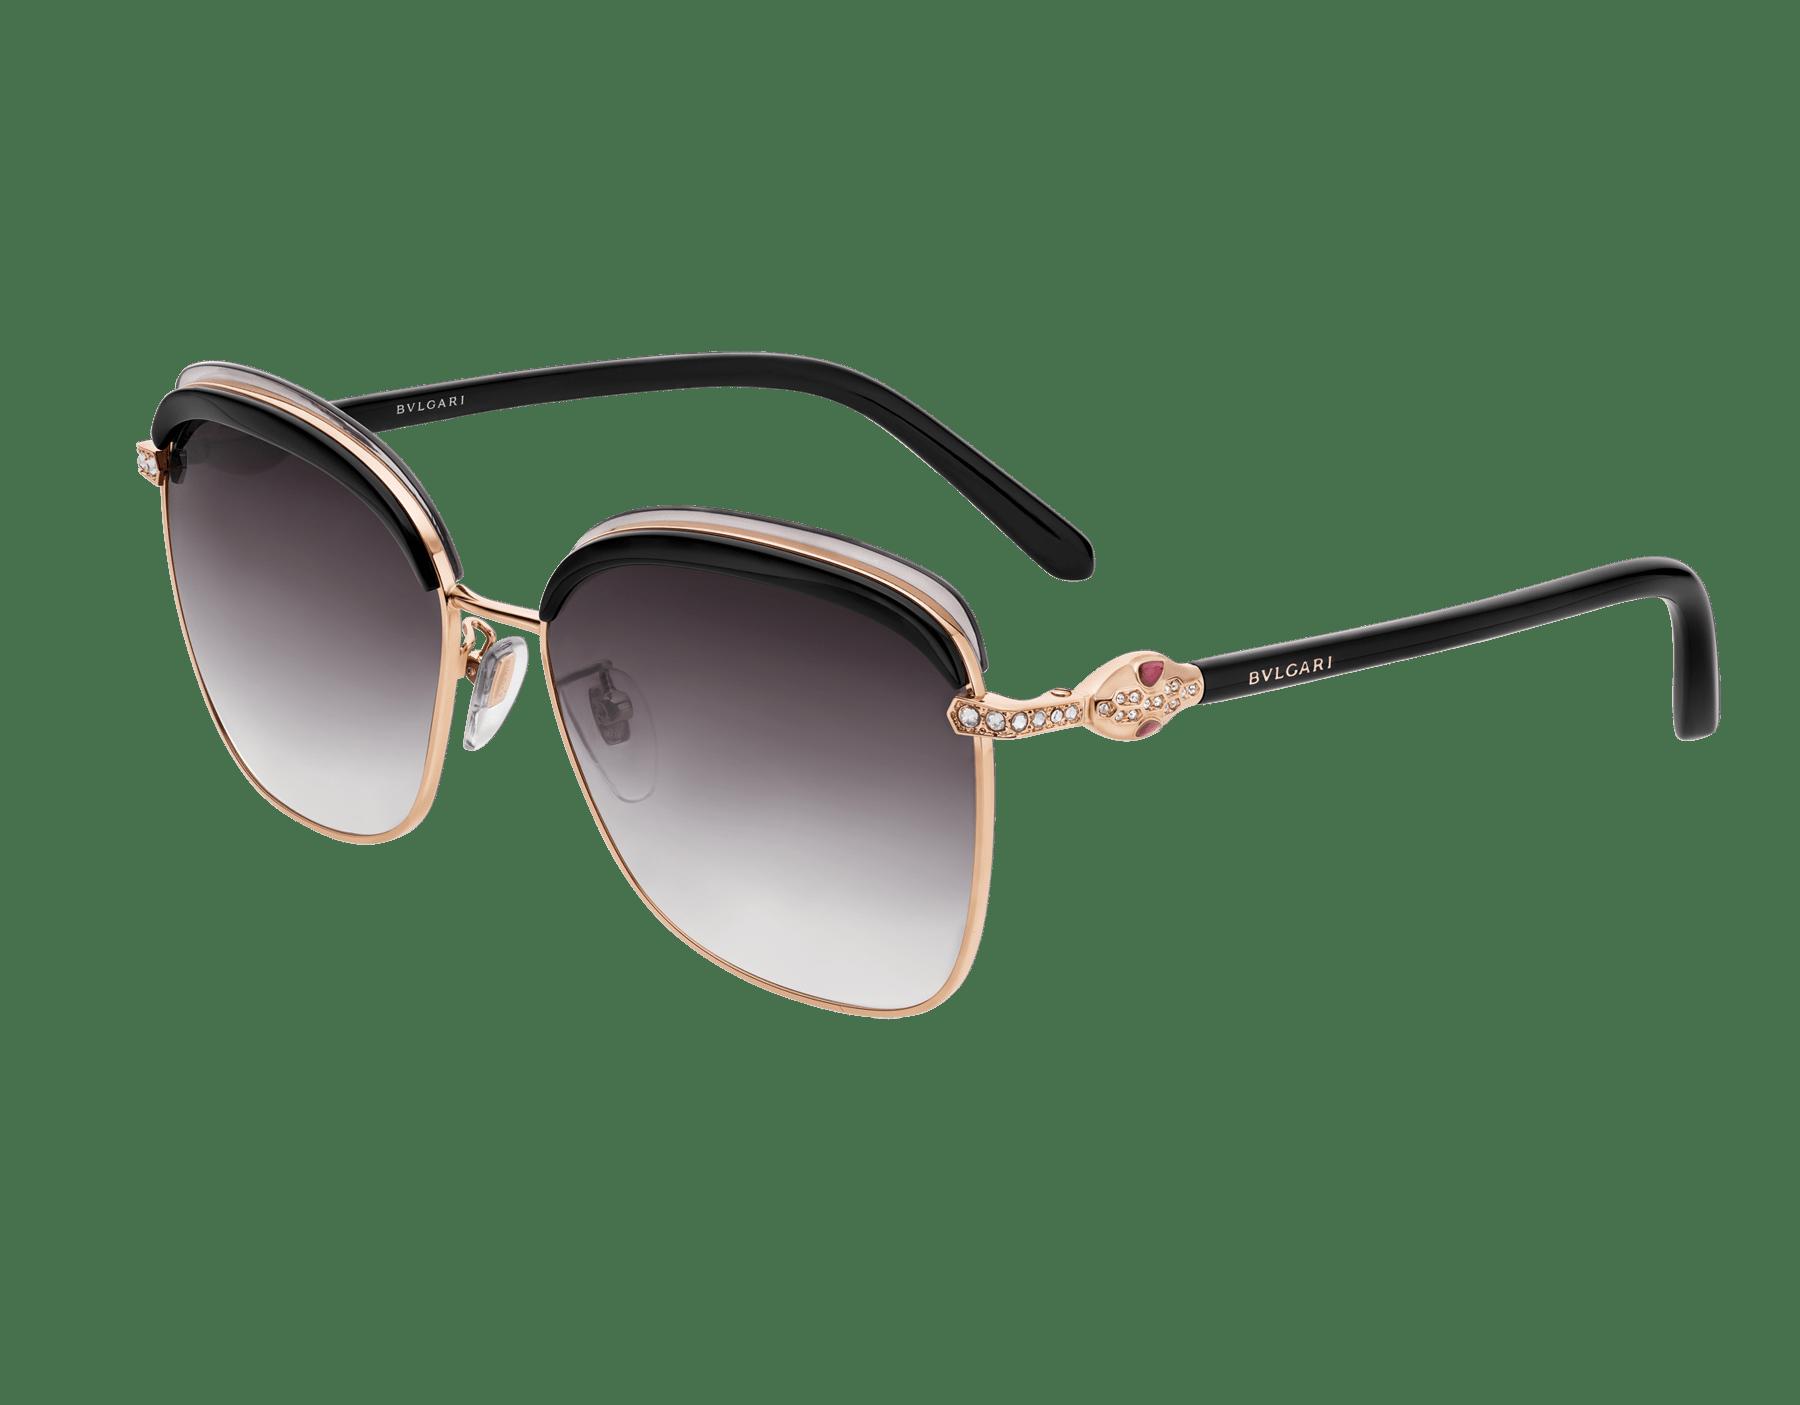 Bvlgari Serpenti squared metal sunglasses. 903659 image 1